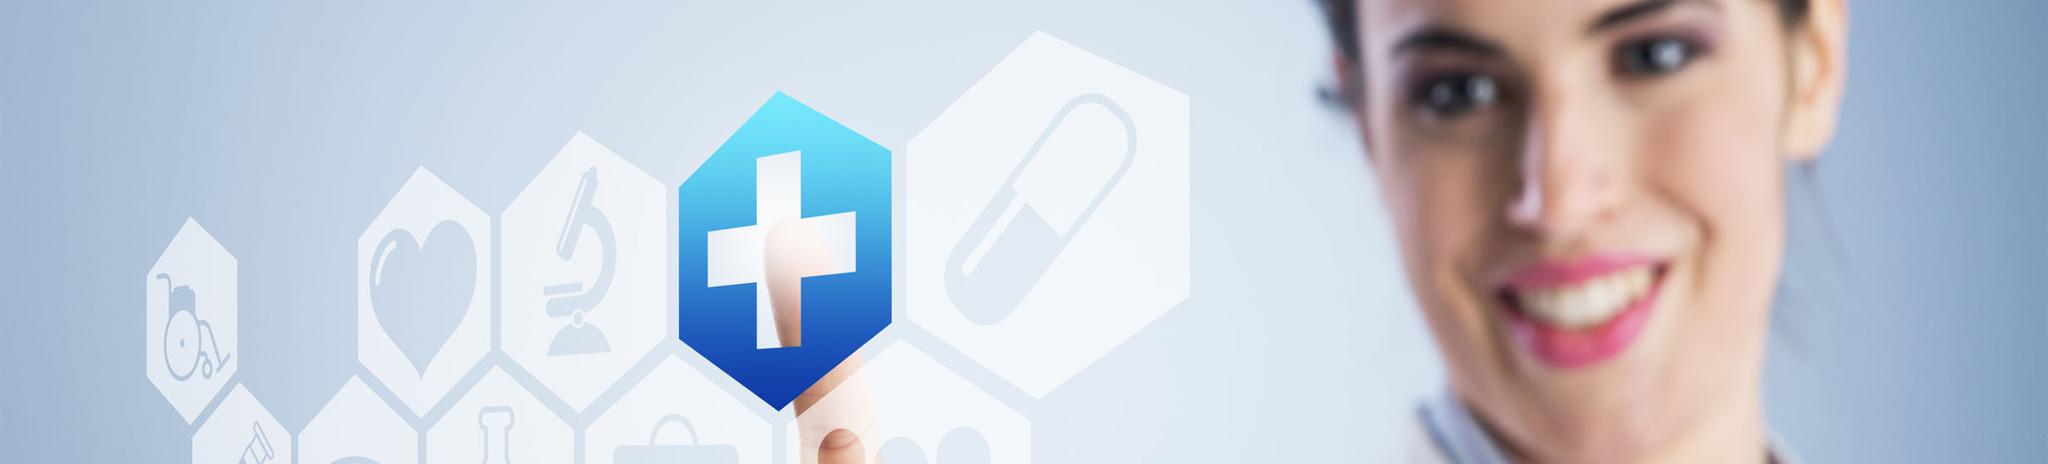 Muster Auftragsverarbeitungs Vertrag Für Das Gesundheitswesen Auf